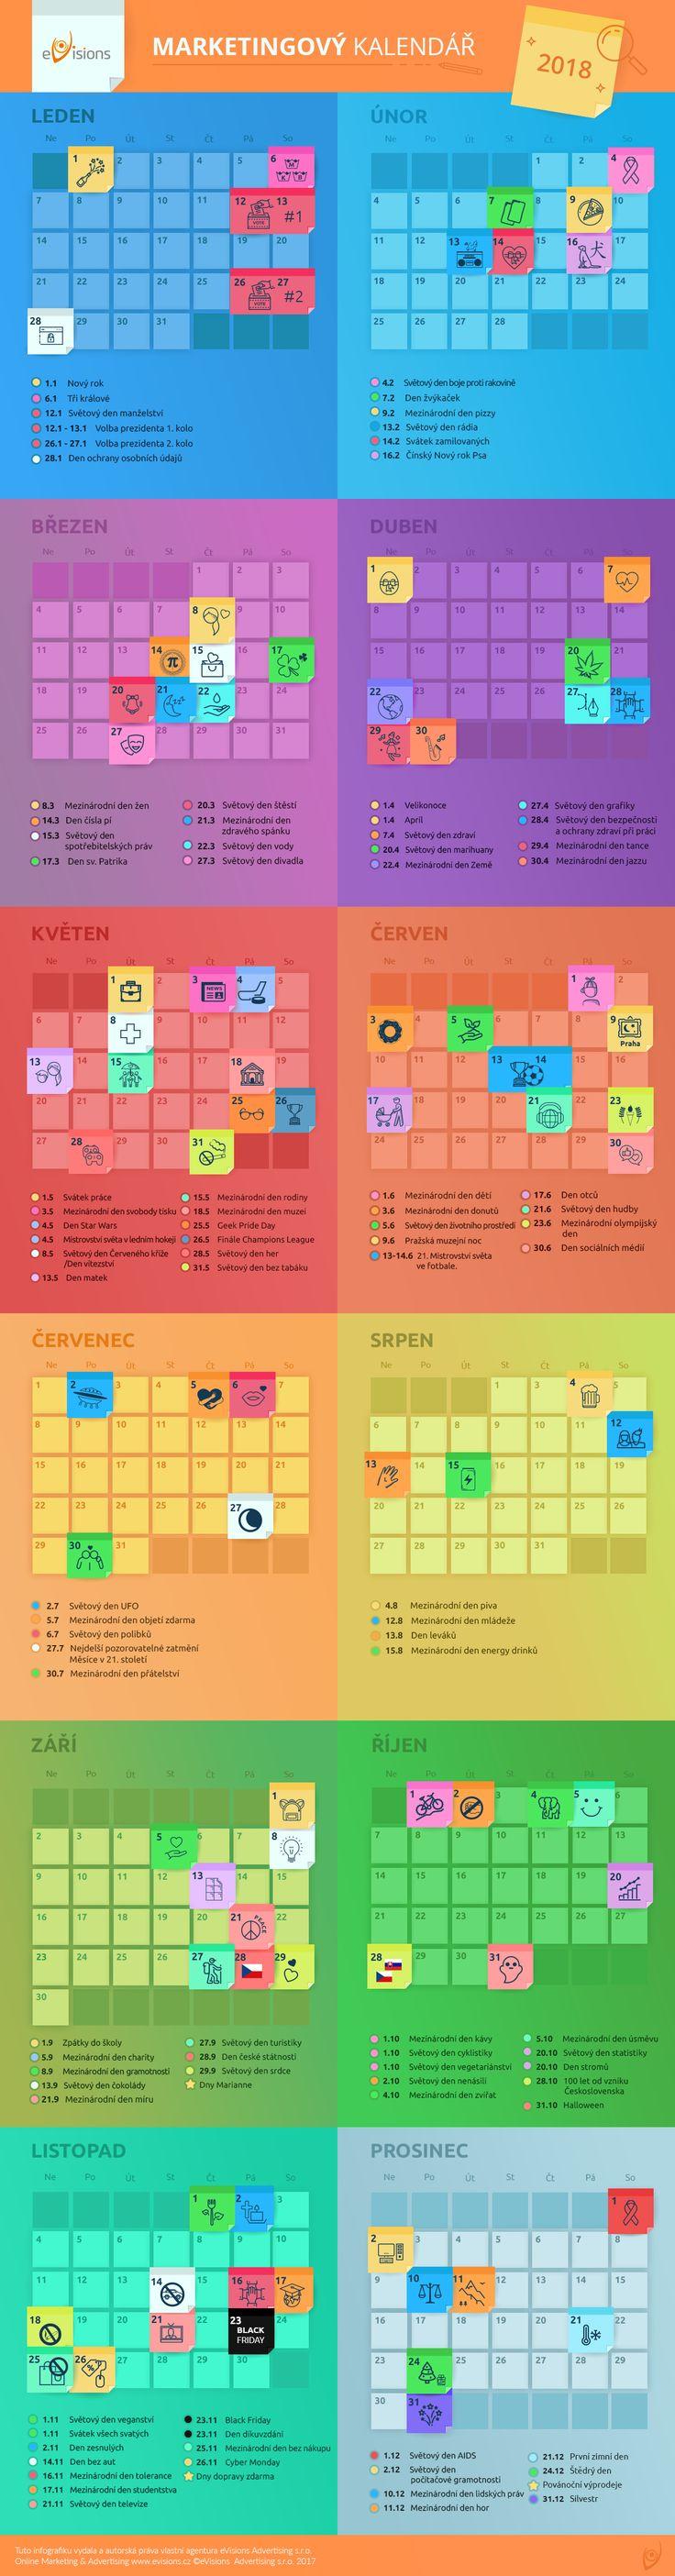 Marketing calendar 2018  #evisionscz #socialmedia #calendar #onlinemarketing #infographics #marketingcalendar #onlinemarketing #digitalmarketing #seoagency #marketing #infographic #infographic_marketing